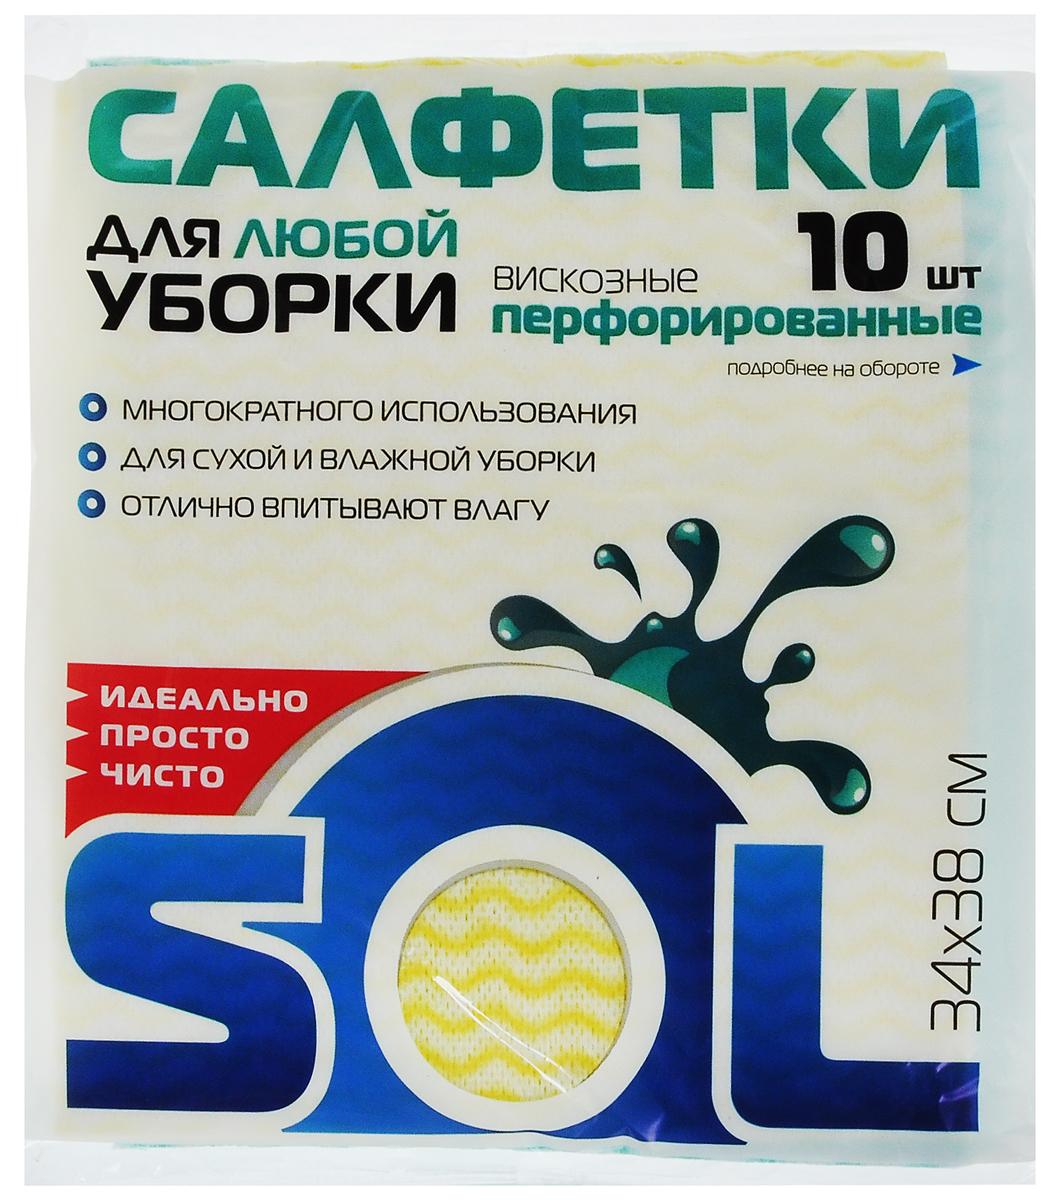 Салфетка для уборки Sol из вискозы, перфорированная, цвет: желтый, зеленый, 34 x 38 см, 10 шт10043Перфорированные салфетки для уборки Sol, выполненные из вискозы и полиэстера, предназначены для уборки и могут применяться с различными моющими средствами. Эффективно впитывают жидкость. Мягкие и прочные, легко отжимаются и быстро сохнут. Рекомендации по уходу: Для обеспечения гигиеничности уборки после применения прополоскать в теплой воде. Для продления срока службы не применять машинную стирку, не гладить и не кипятить. Комплектация: 10 салфеток. Размер салфетки: 34 х 38 см.